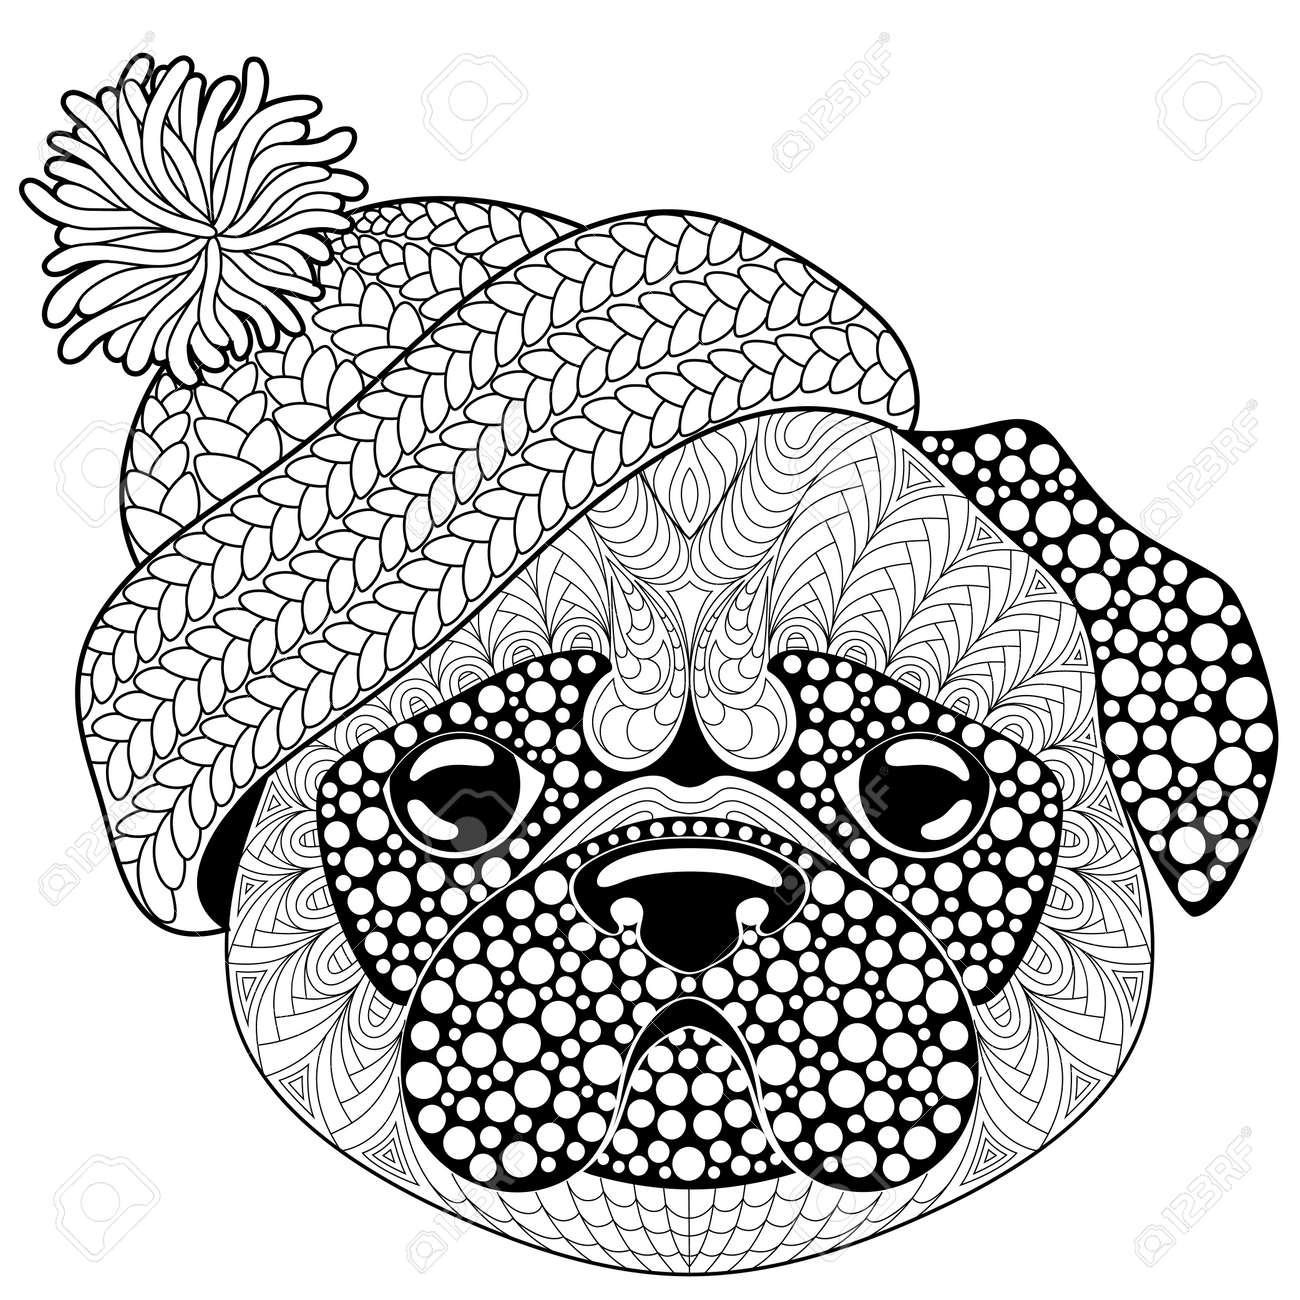 Coloriage De Chien Carlin.Chien Carlin Avec Un Bonnet Tricote Tatouage Ou Coloriage Antistress Adulte Doodle Dessine Main Noir Et Blanc Pour Livre De Coloriage